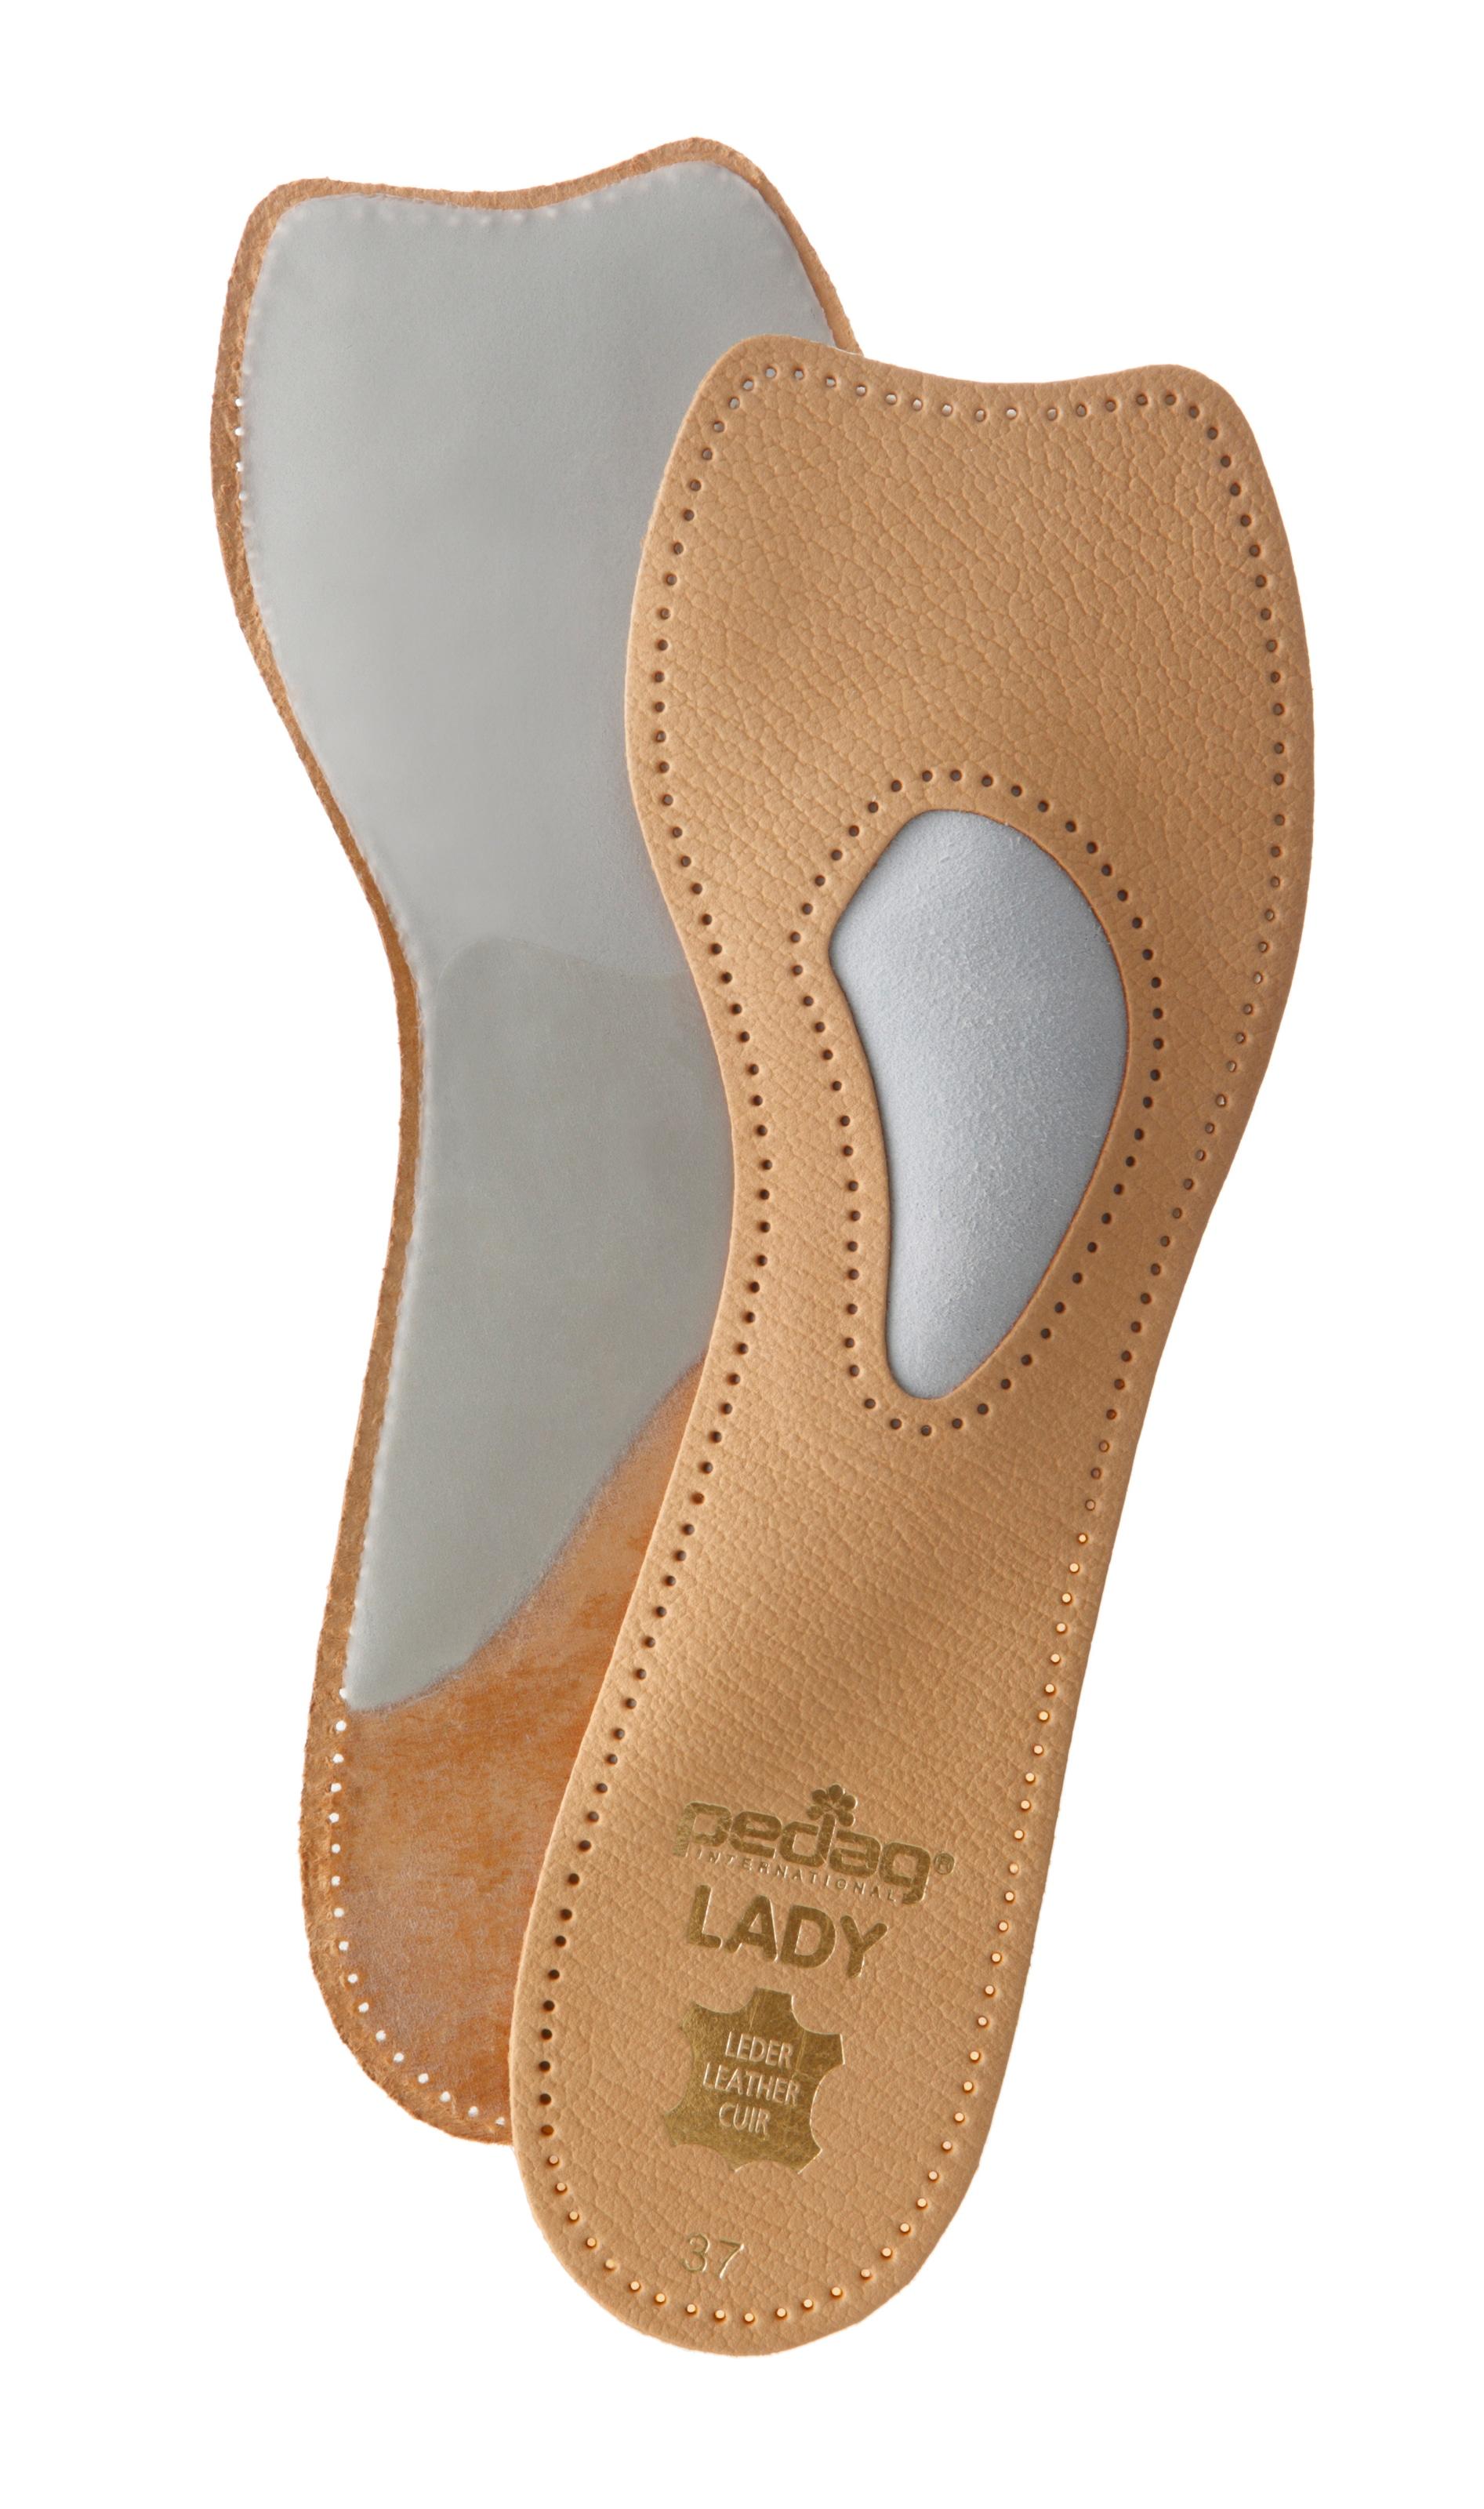 Pedag, orthopdische Schuheinlagen, LADY per Rechnung | Gutes Preis-Leistungs-Verhältnis, es es es lohnt sich 74ced0